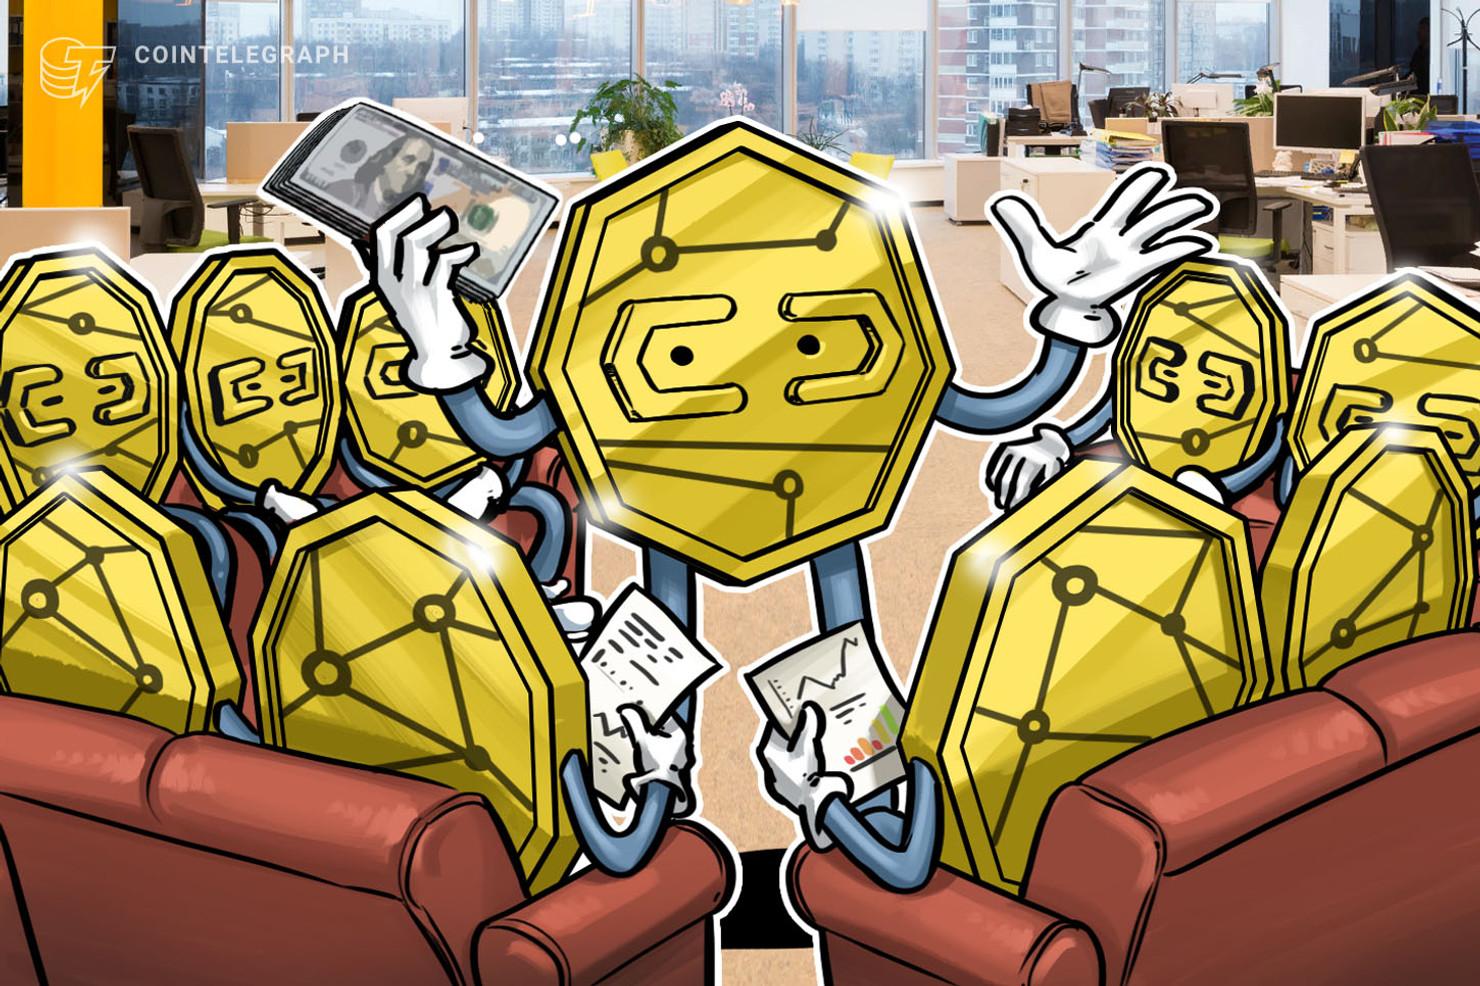 ビットコイン信託への投資額、2019年4Qに過去最高を記録|新規投資家も存在感増す=グレイスケール【ニュース】